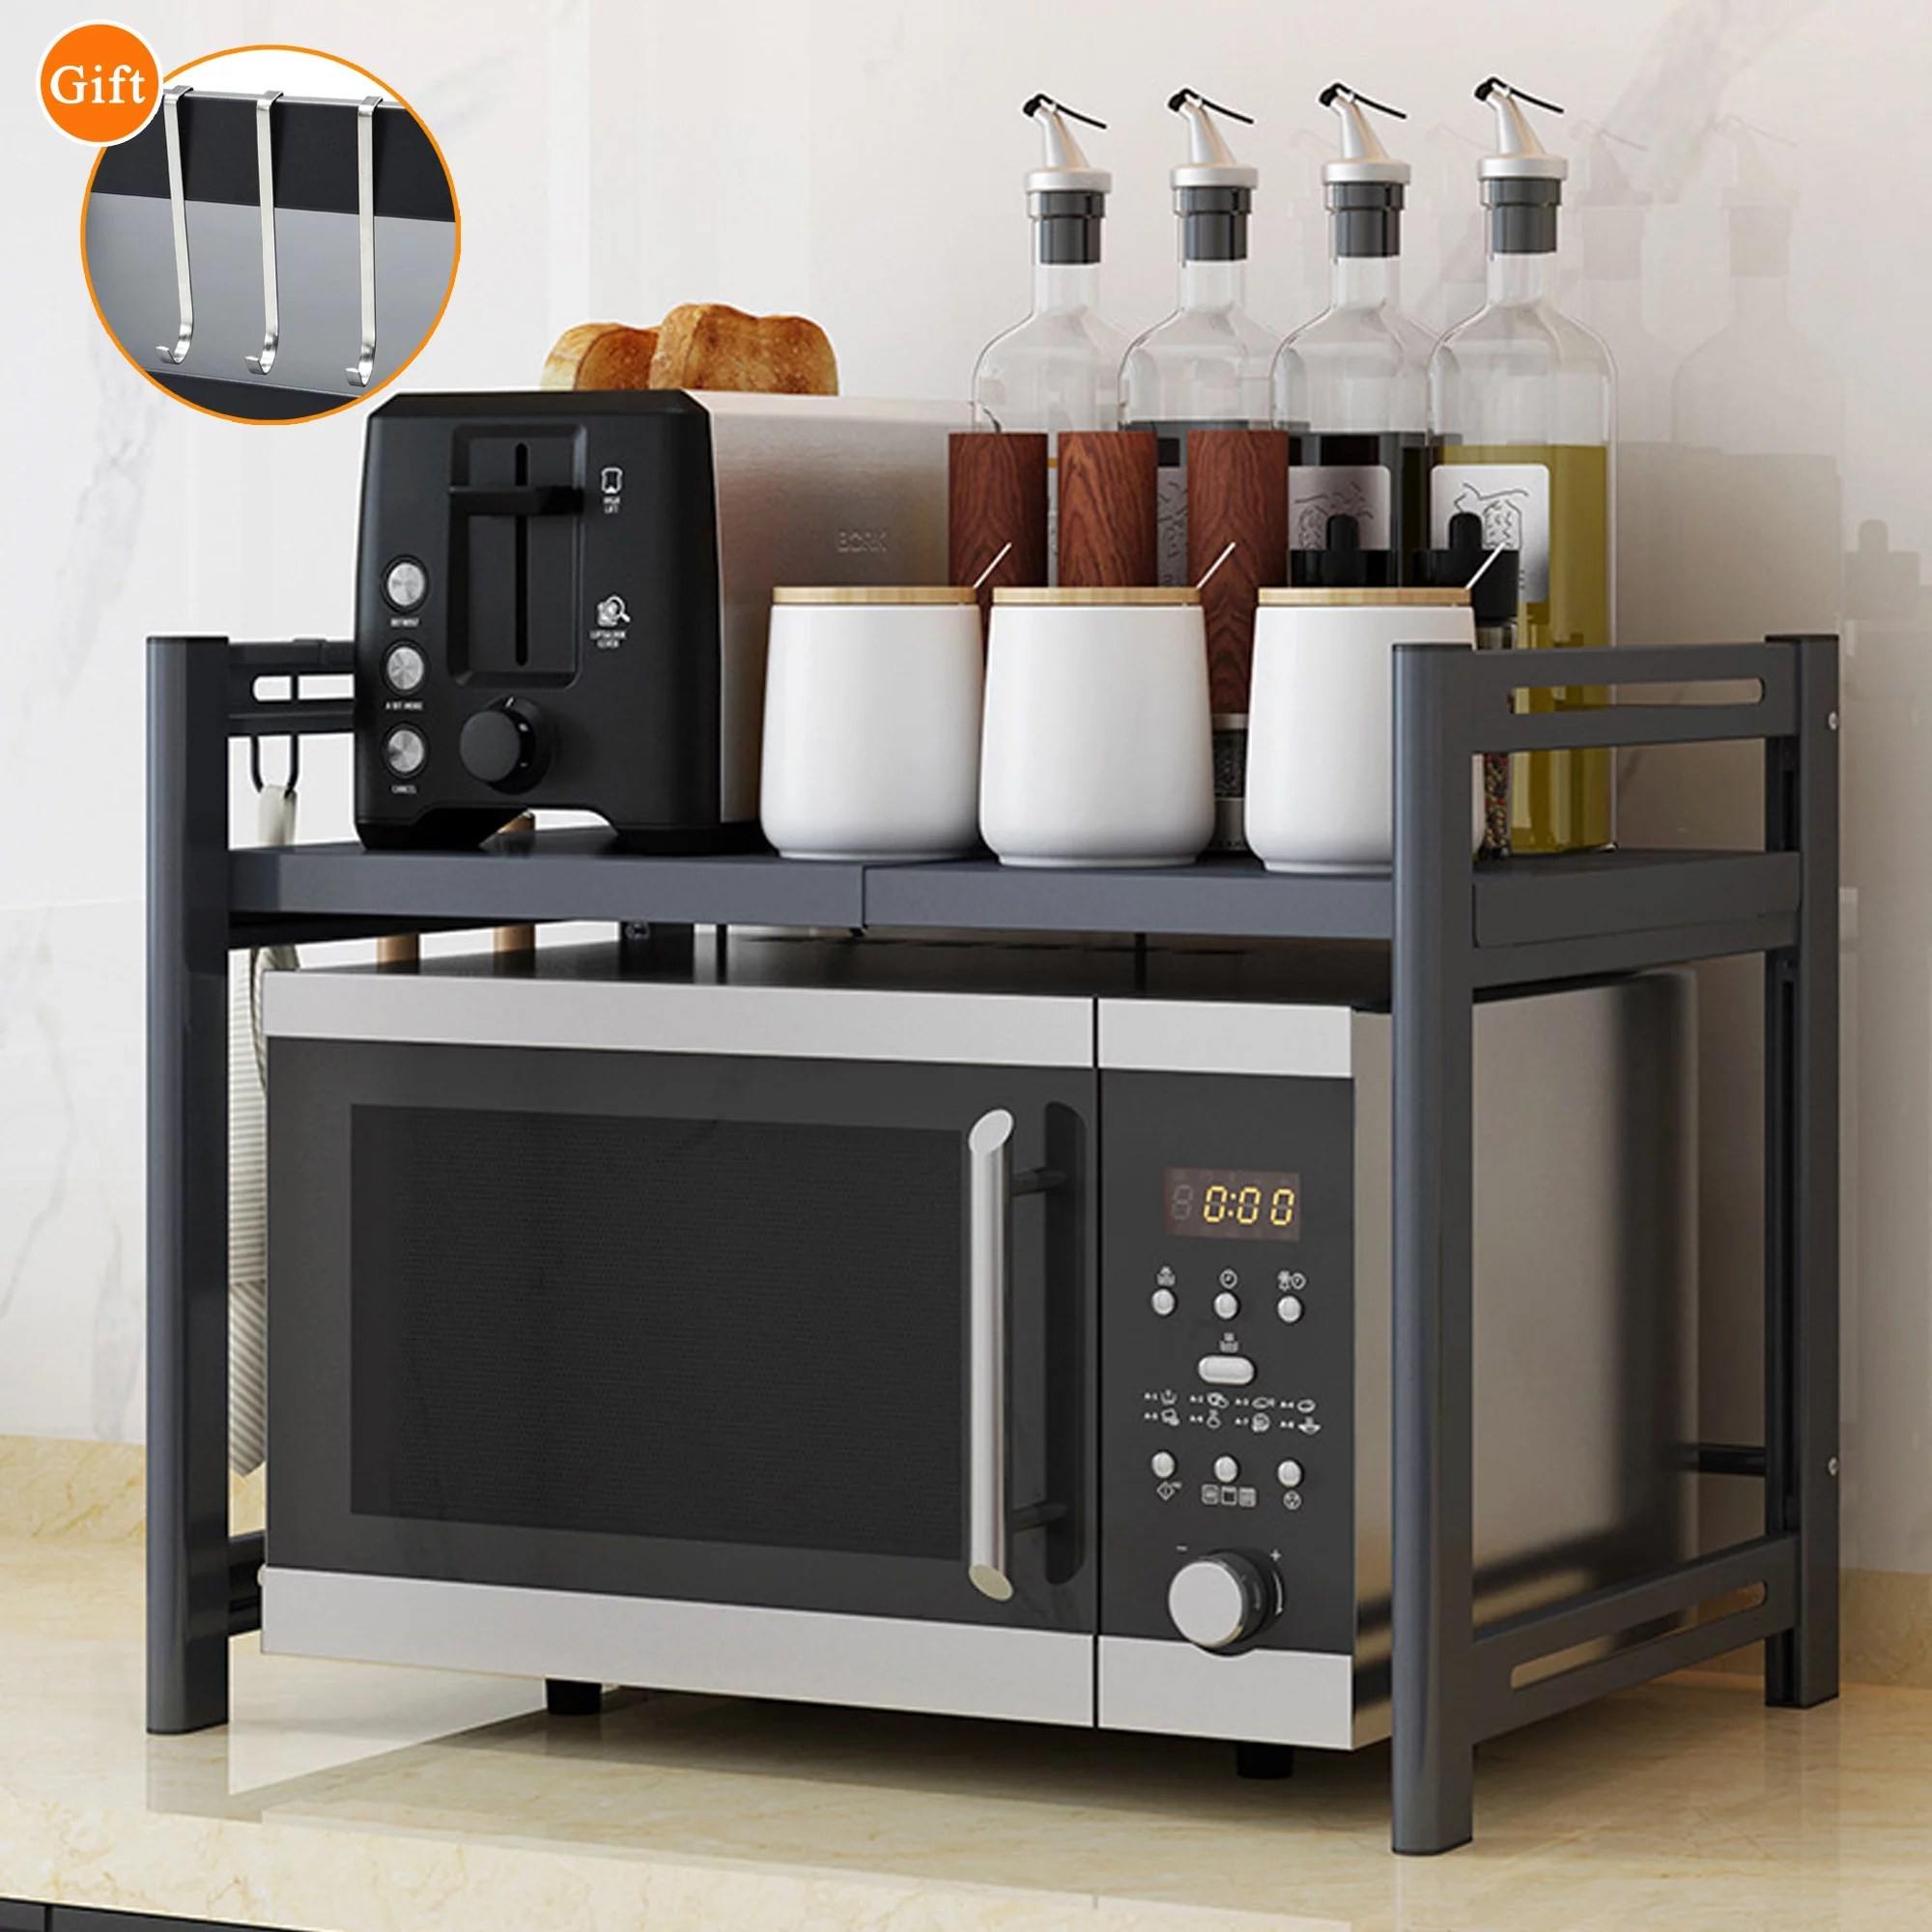 nk 2 tier kitchen shelf microwave oven rack stand storage cabinet holder organizer 26 x12 6 x20 5